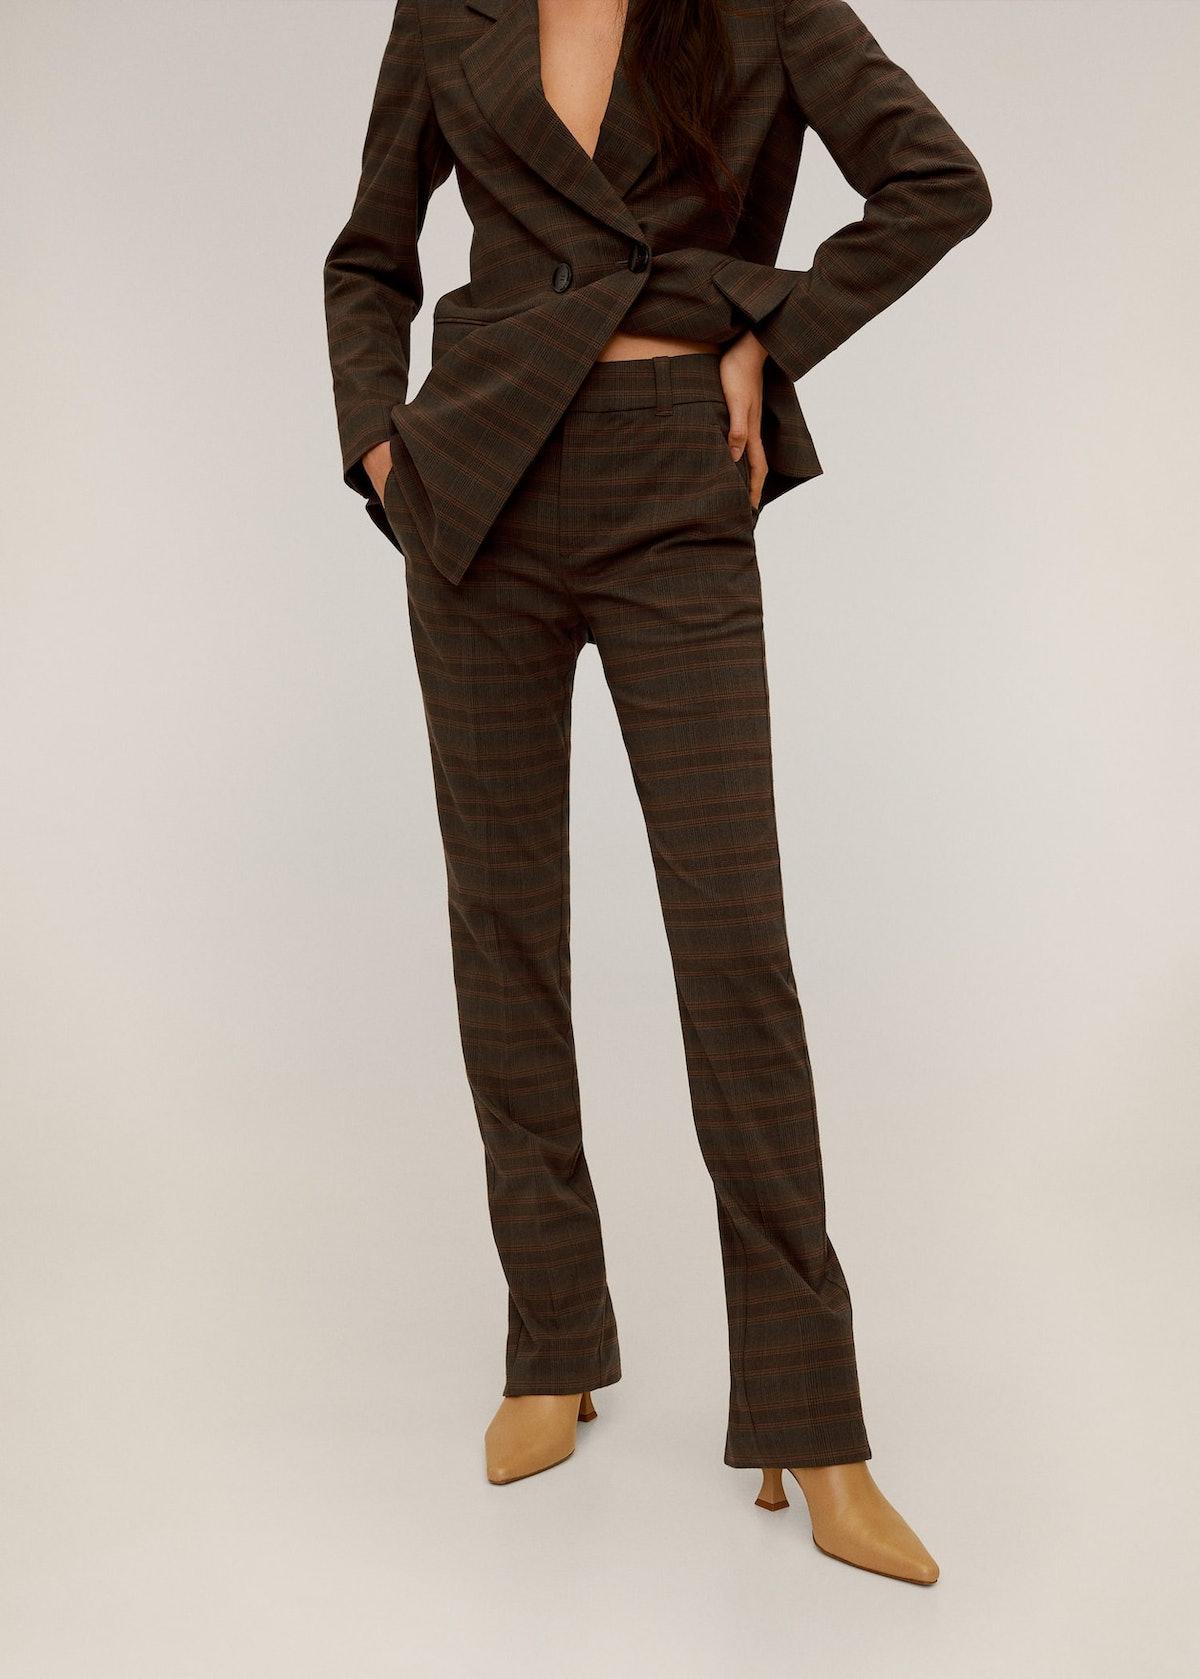 Check Suit Pants